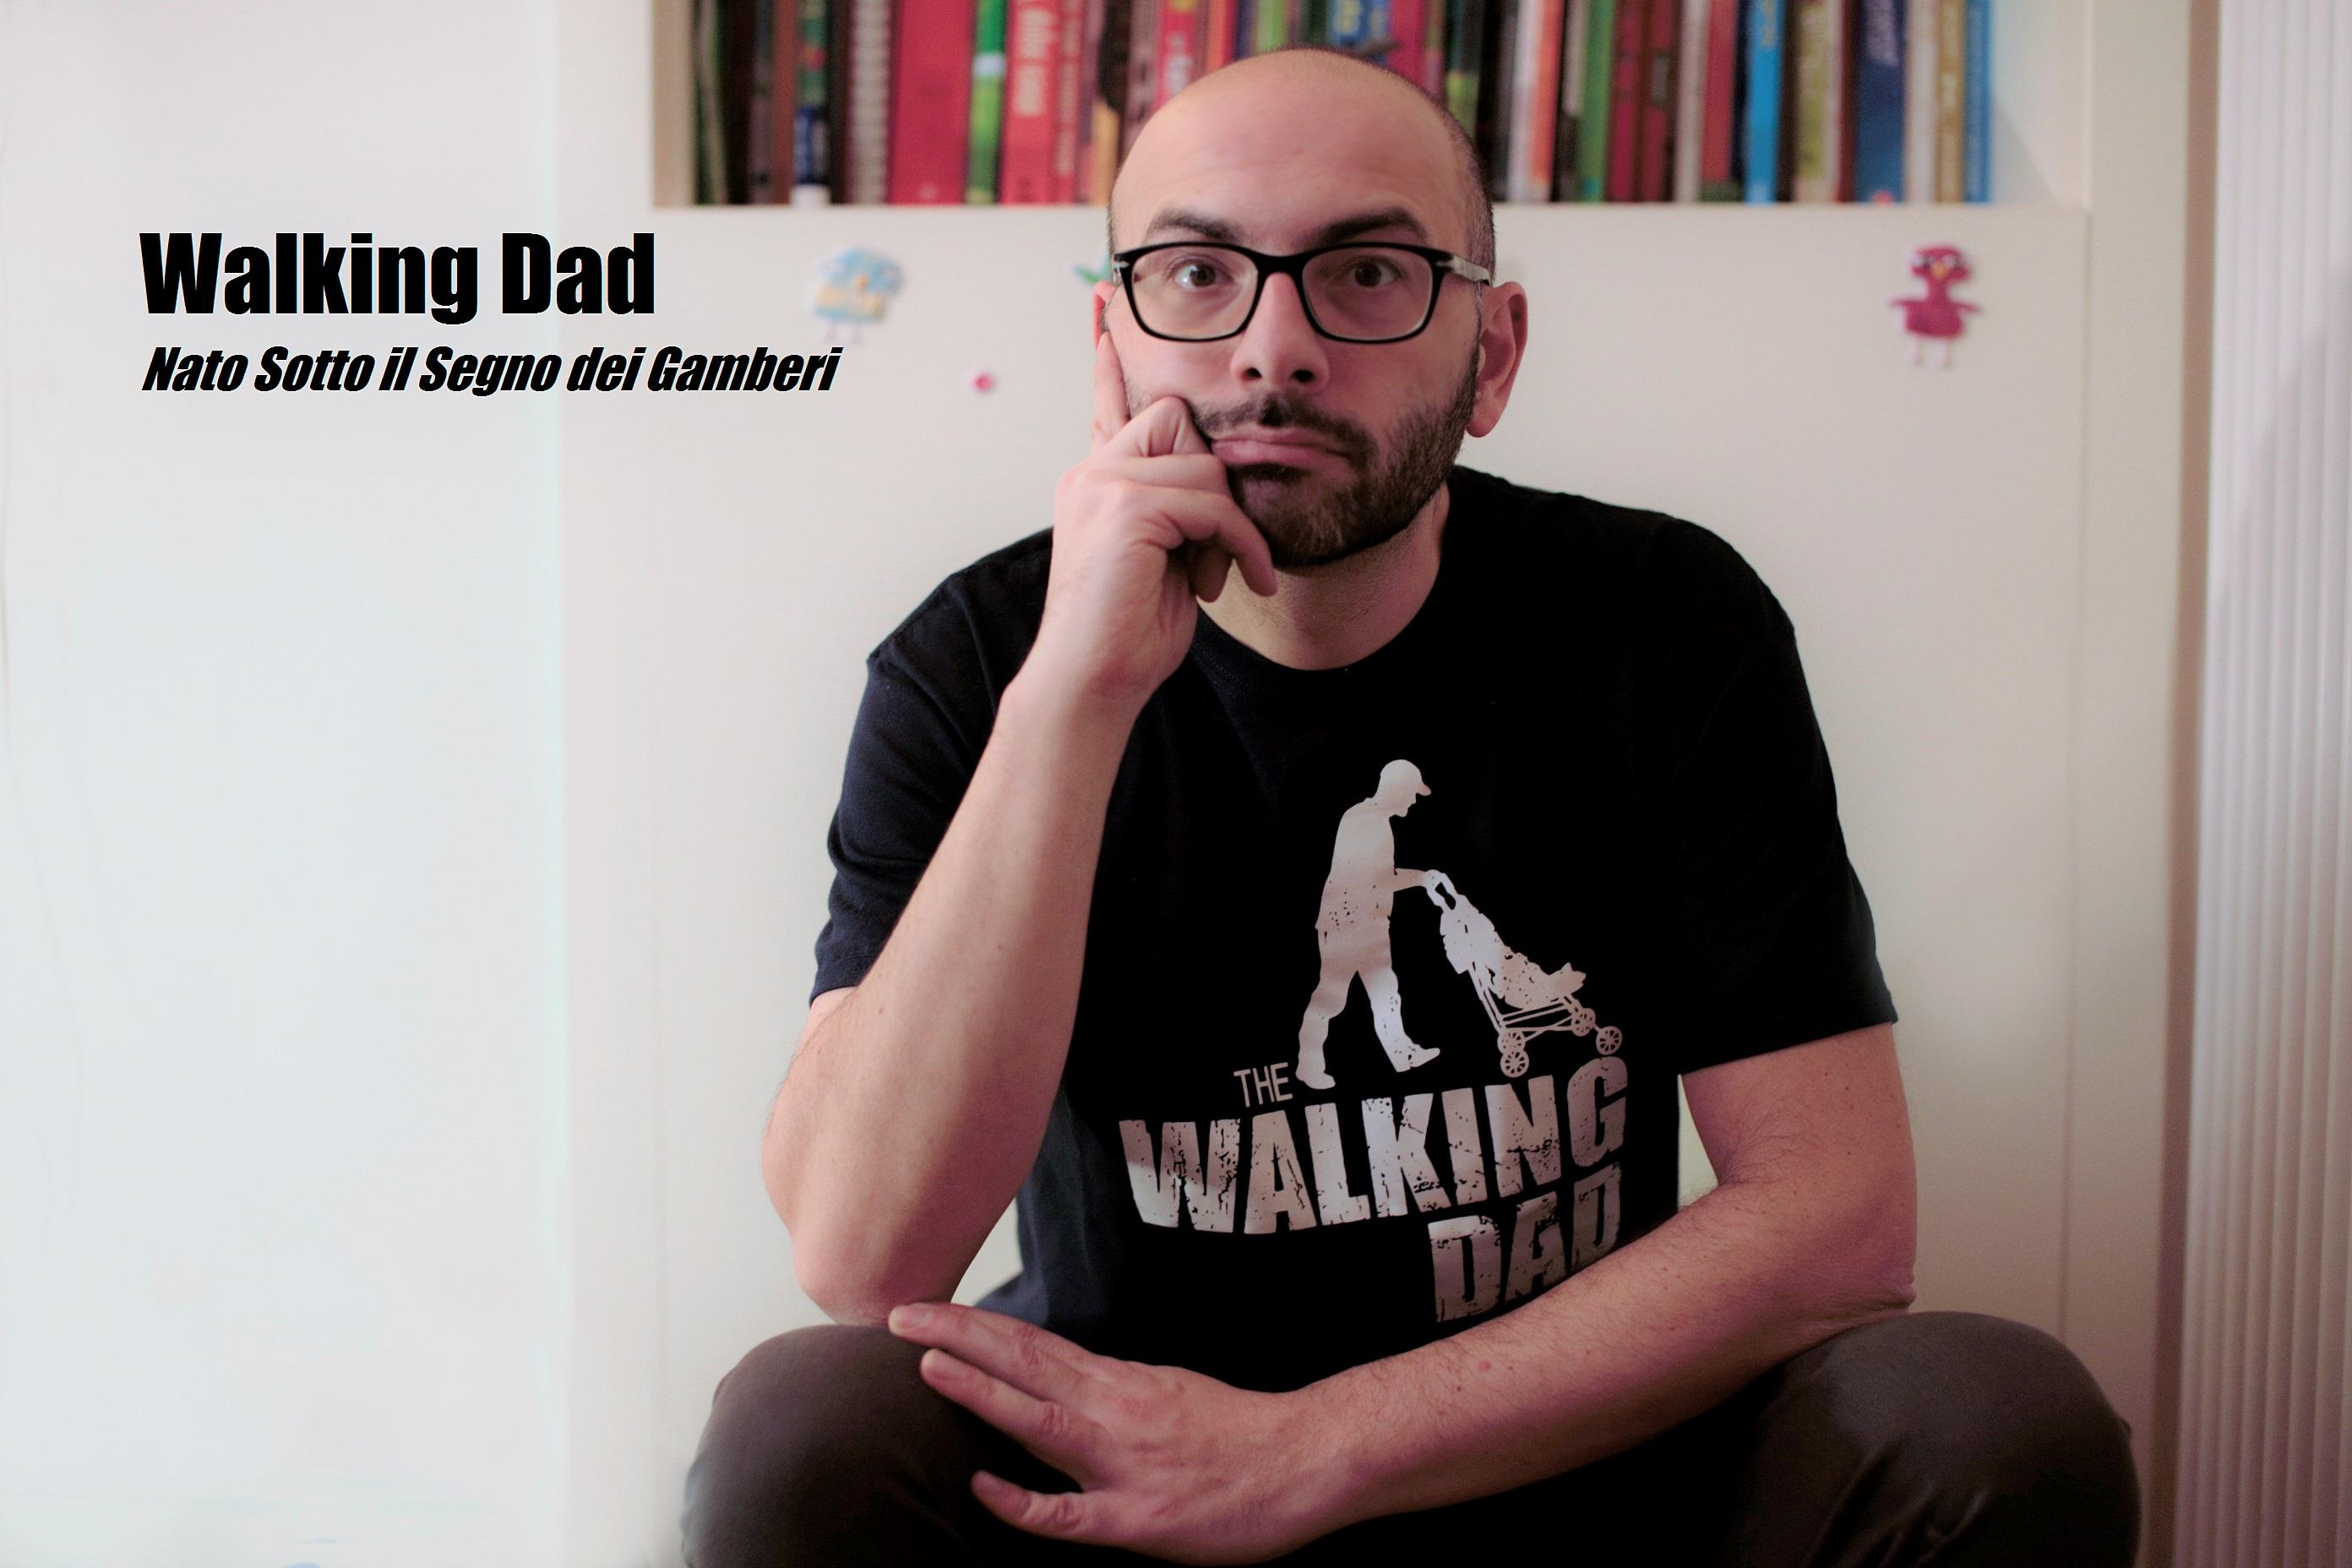 Walking Dad – Nato sotto il segno dei gamberi è in libreria